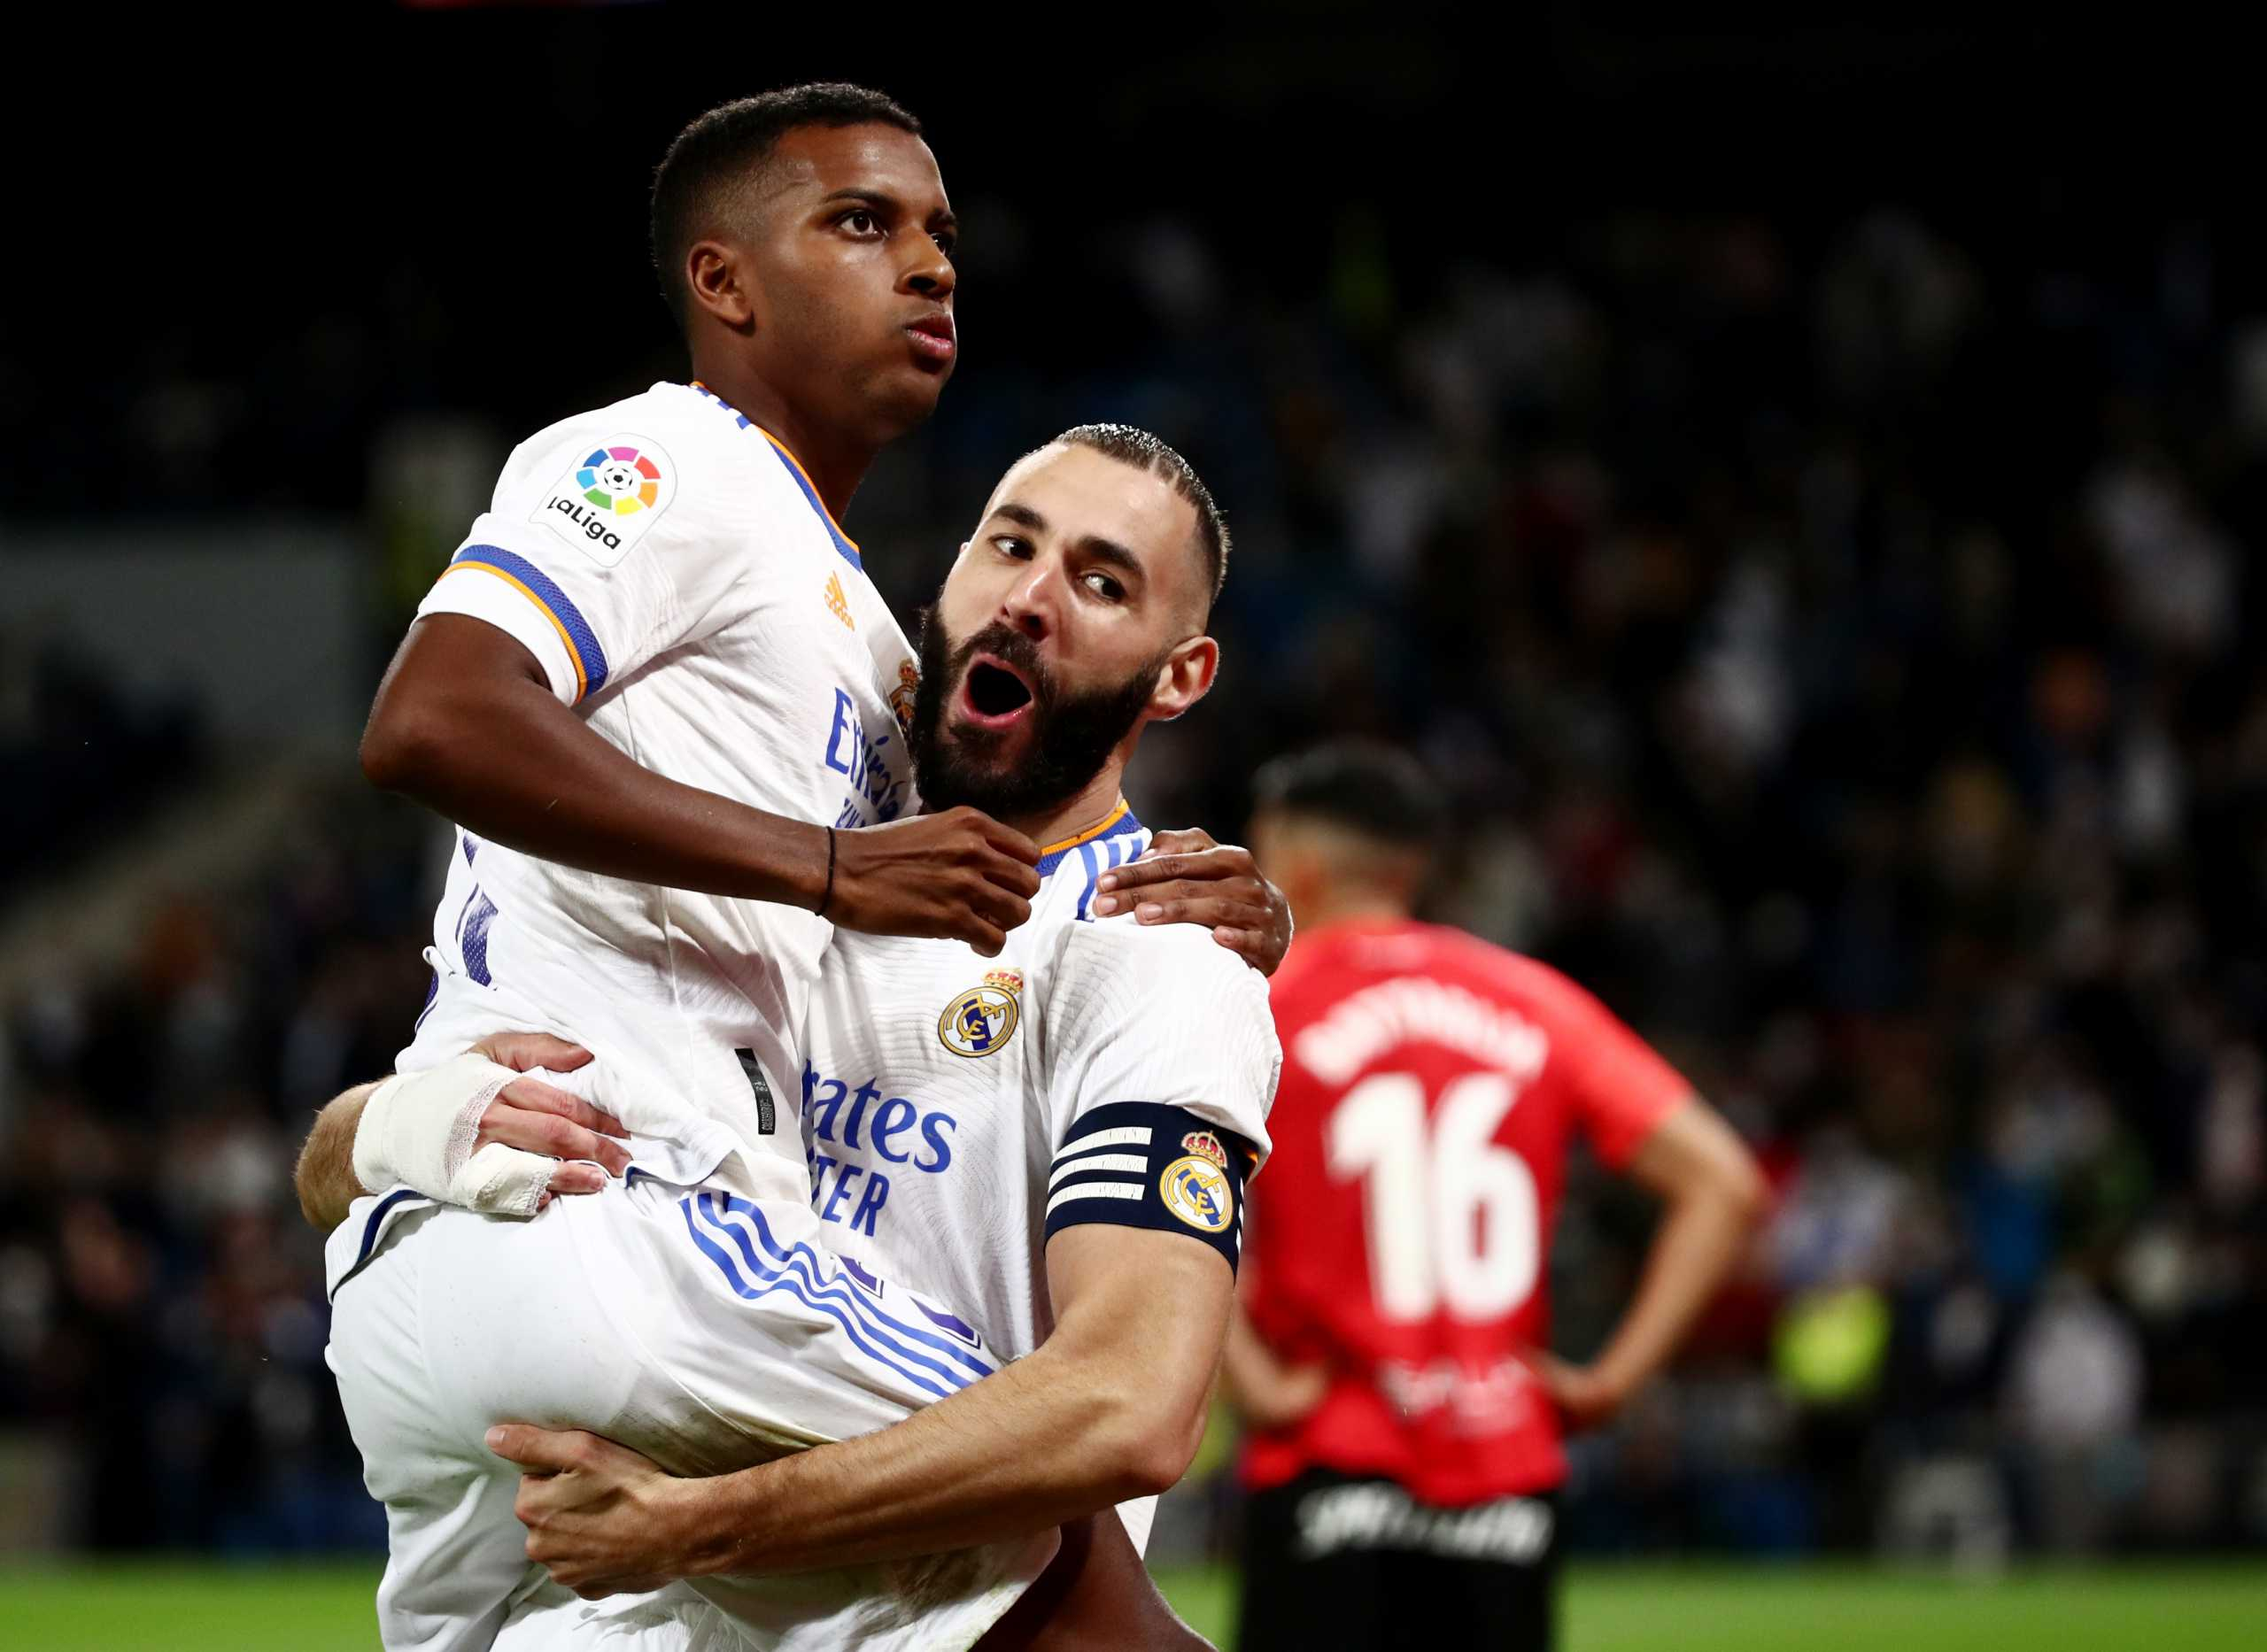 Ρεάλ Μαδρίτης – Μαγιόρκα 6-1: Με «εξάρα» στην κορυφή